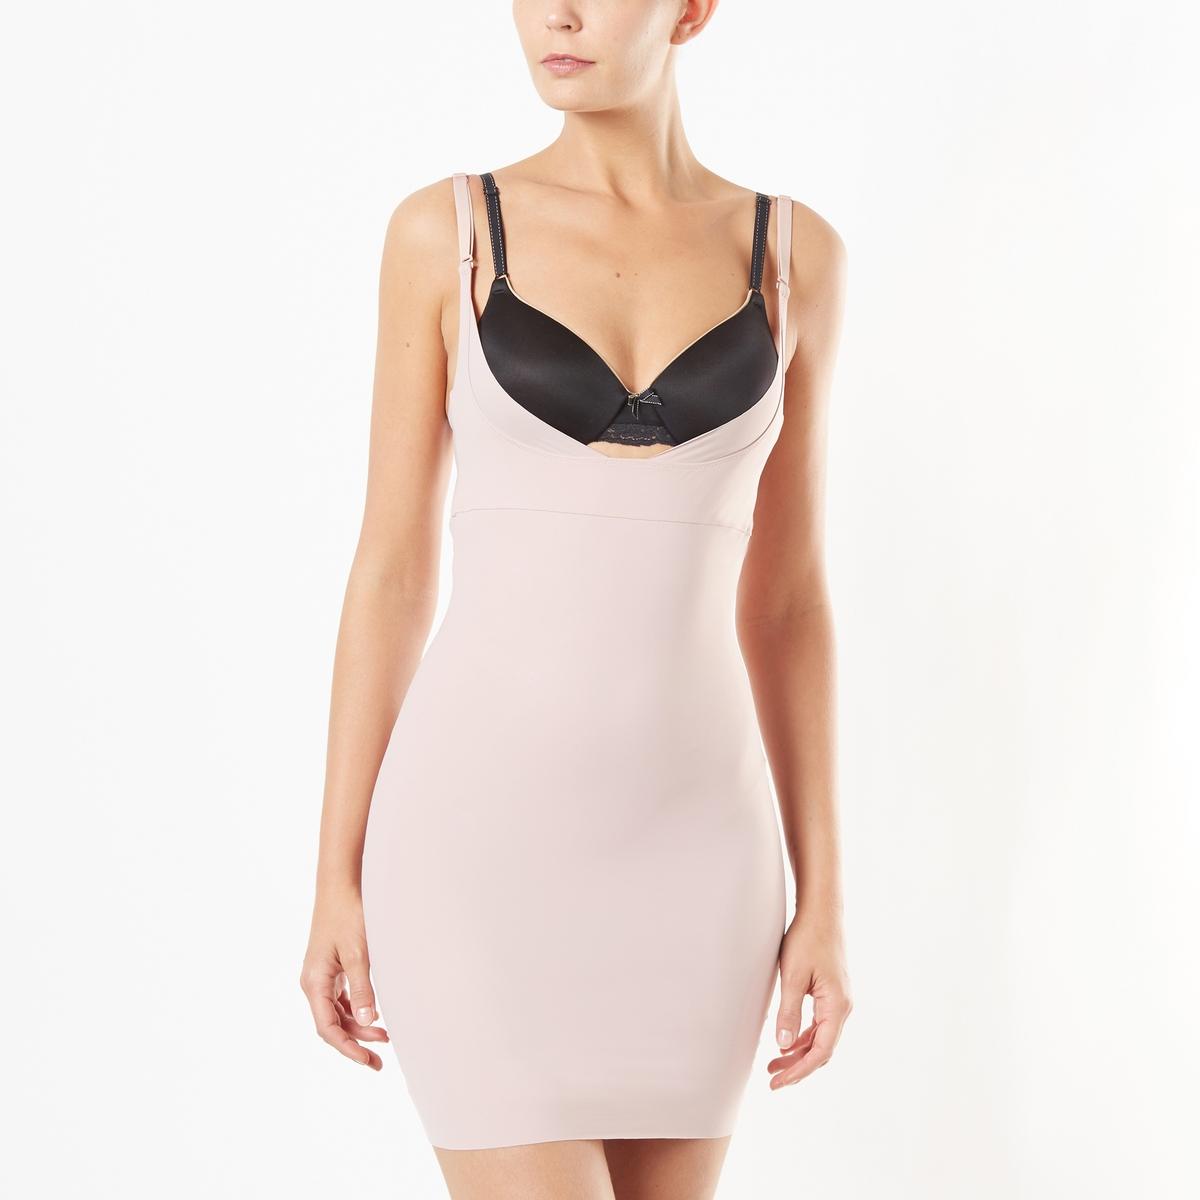 Комбинация под платье утягивающаяУтягивающая комбинация под платье MAIDENFORM. Усиленная поддержка. Утонченная и сексуальная комбинация с глубоким закругленным вырезом делает силуэт более изящным, оставаясь совершенно незаметной под одеждой. Тонкие бретели.Ластовица боди на хлопковой подкладке с двухпозиционной застежкой на крючки по внутреннему шву. Снимается через низ.  Утягивающая комбинация под платье из тонкой,очень мягкой и слегка блестящей микрофибры. 81% полиамида, 19% эластана..<br><br>Цвет: розовая пудра<br>Размер: S